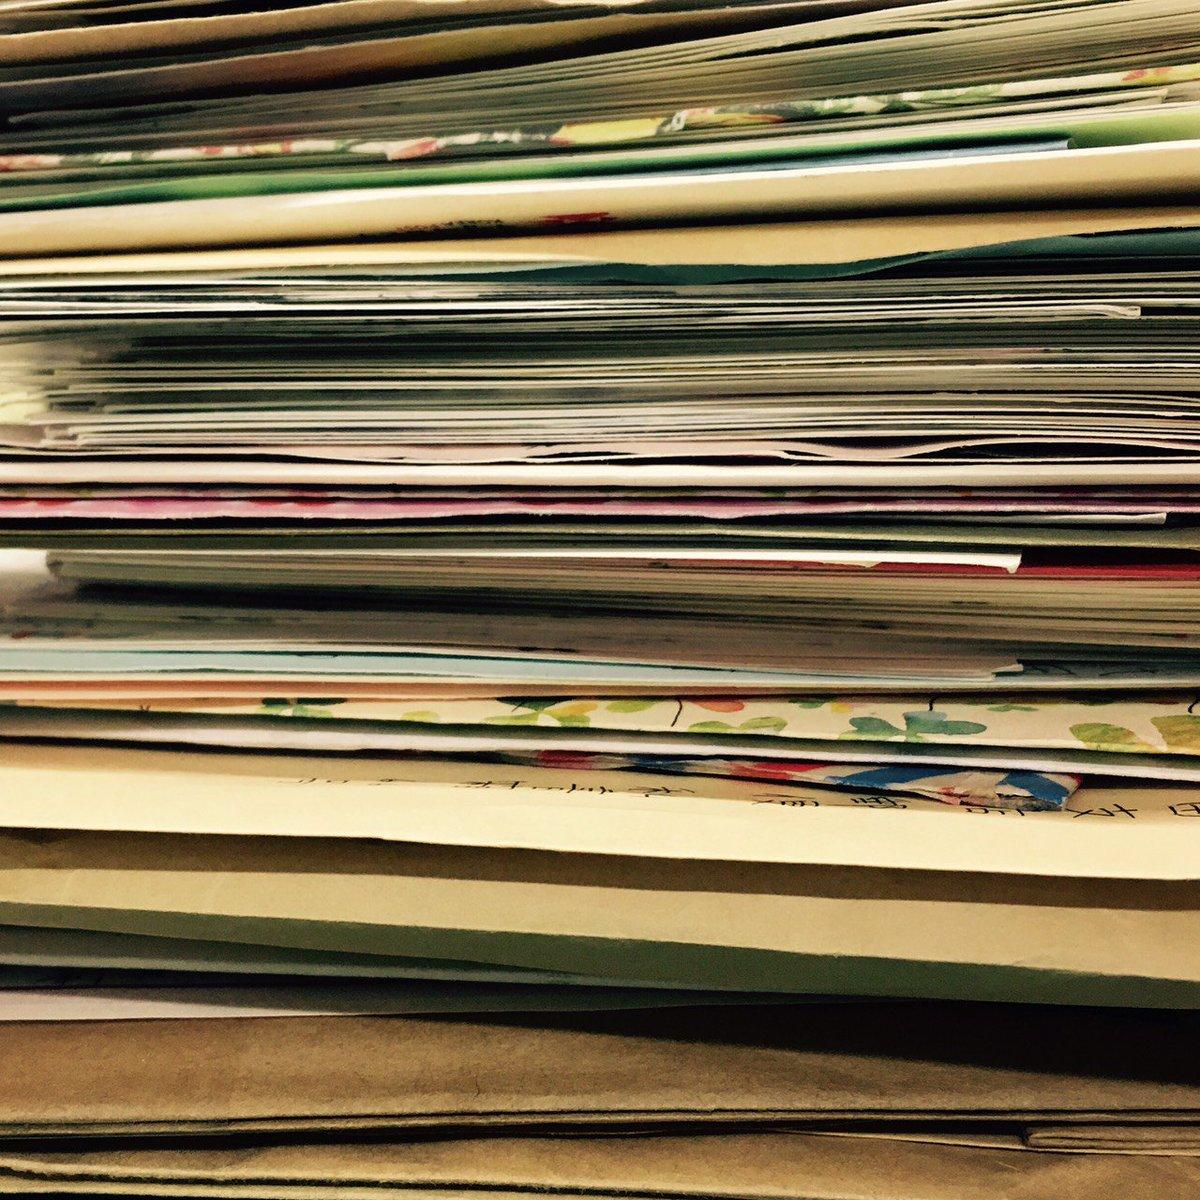 【内藤の担当日誌5】SNS全盛の時代ですが『ONE PIECE』には毎週たくさんの手書きハガキが届きます。感想、SBSに